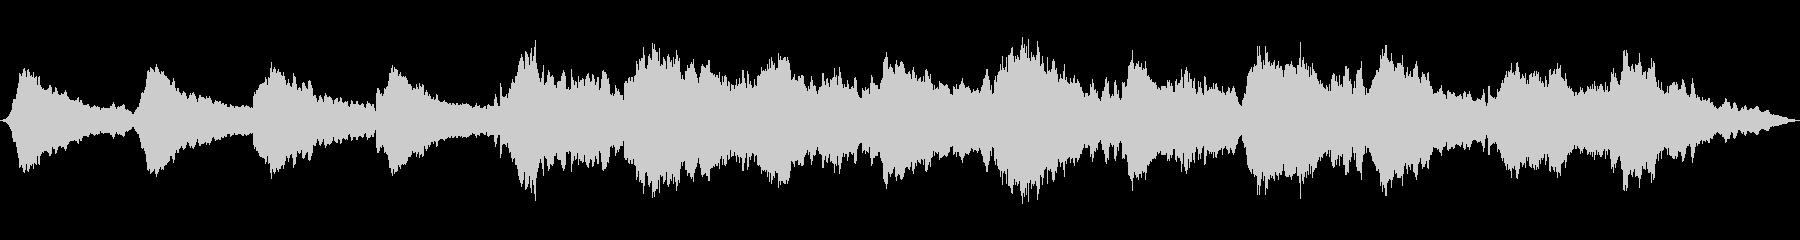 波の音を取り入れたヒーリング音楽の未再生の波形